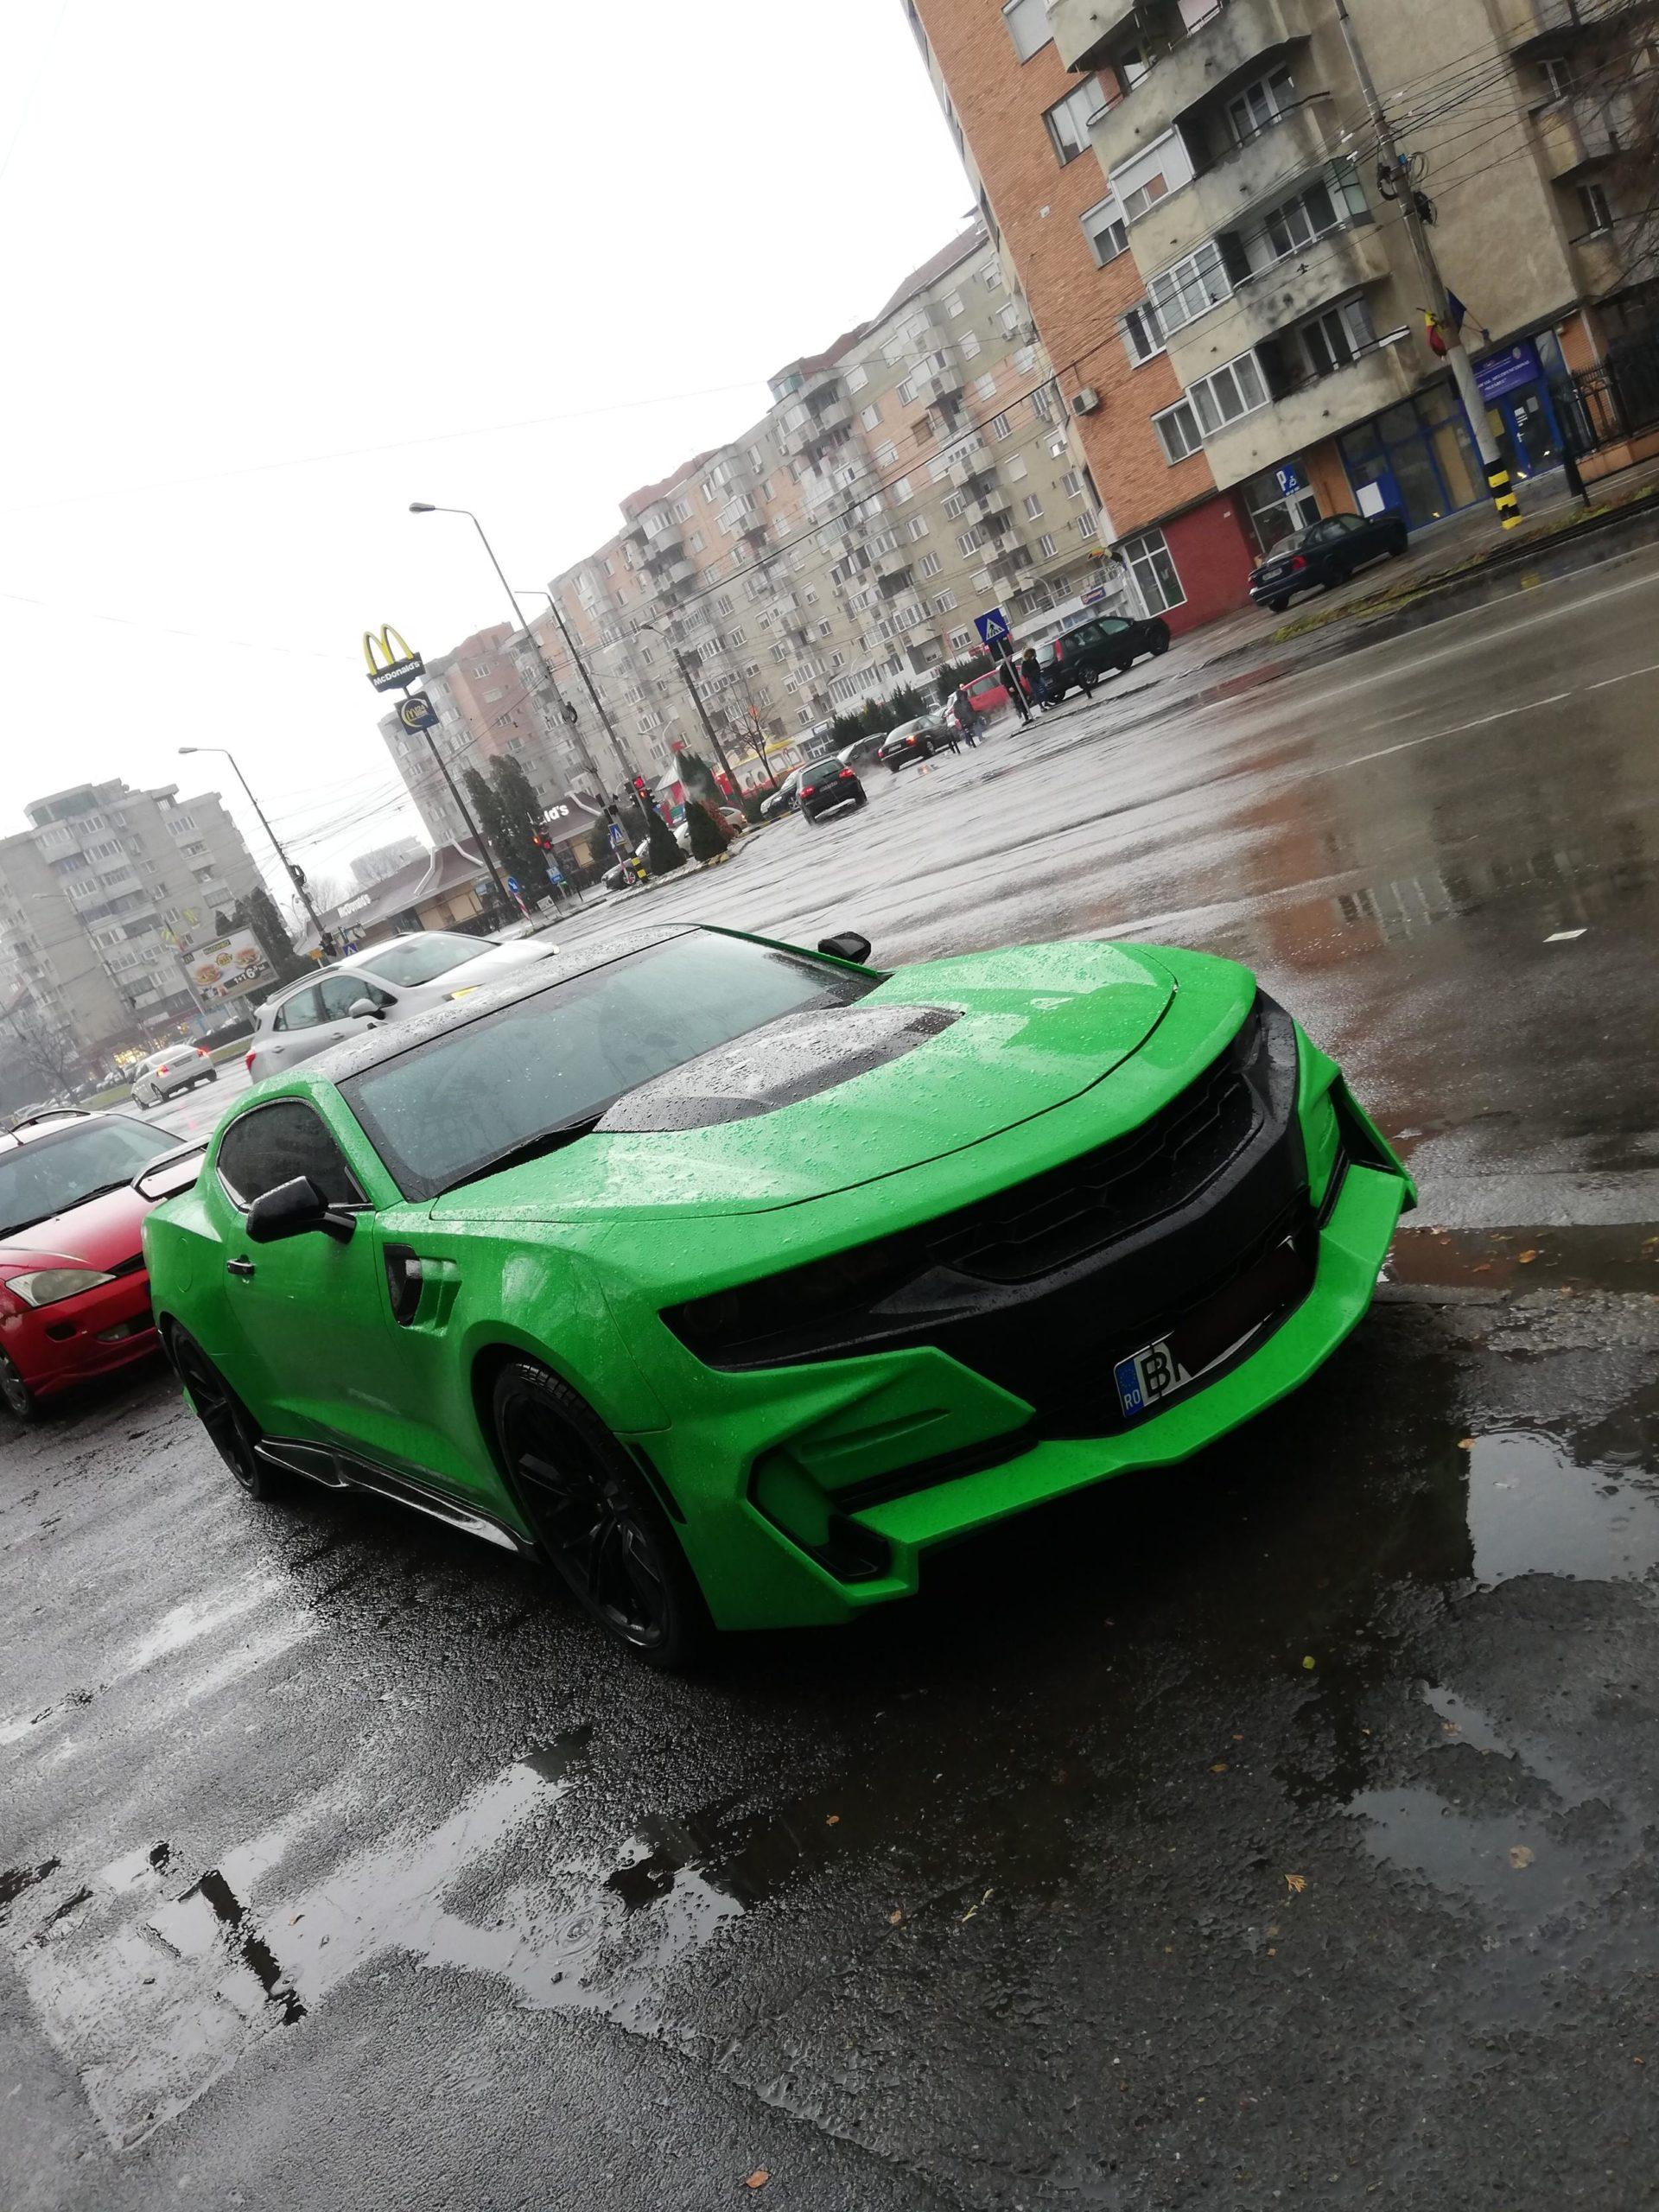 [OC] Chevrolet Camaro spotted in Oradea, Romania